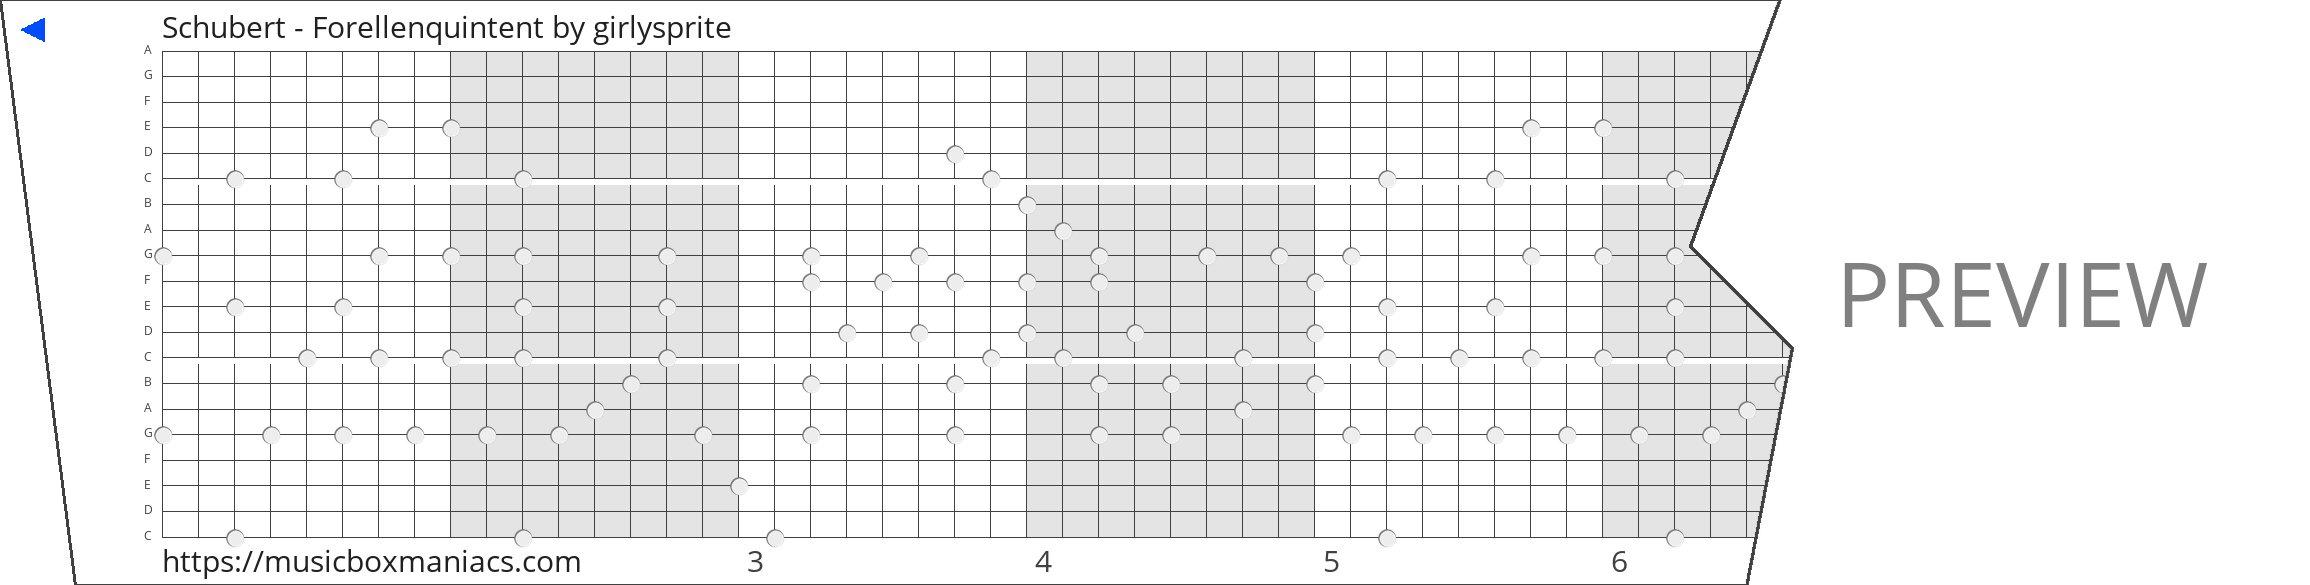 Schubert - Forellenquintent 20 note music box paper strip